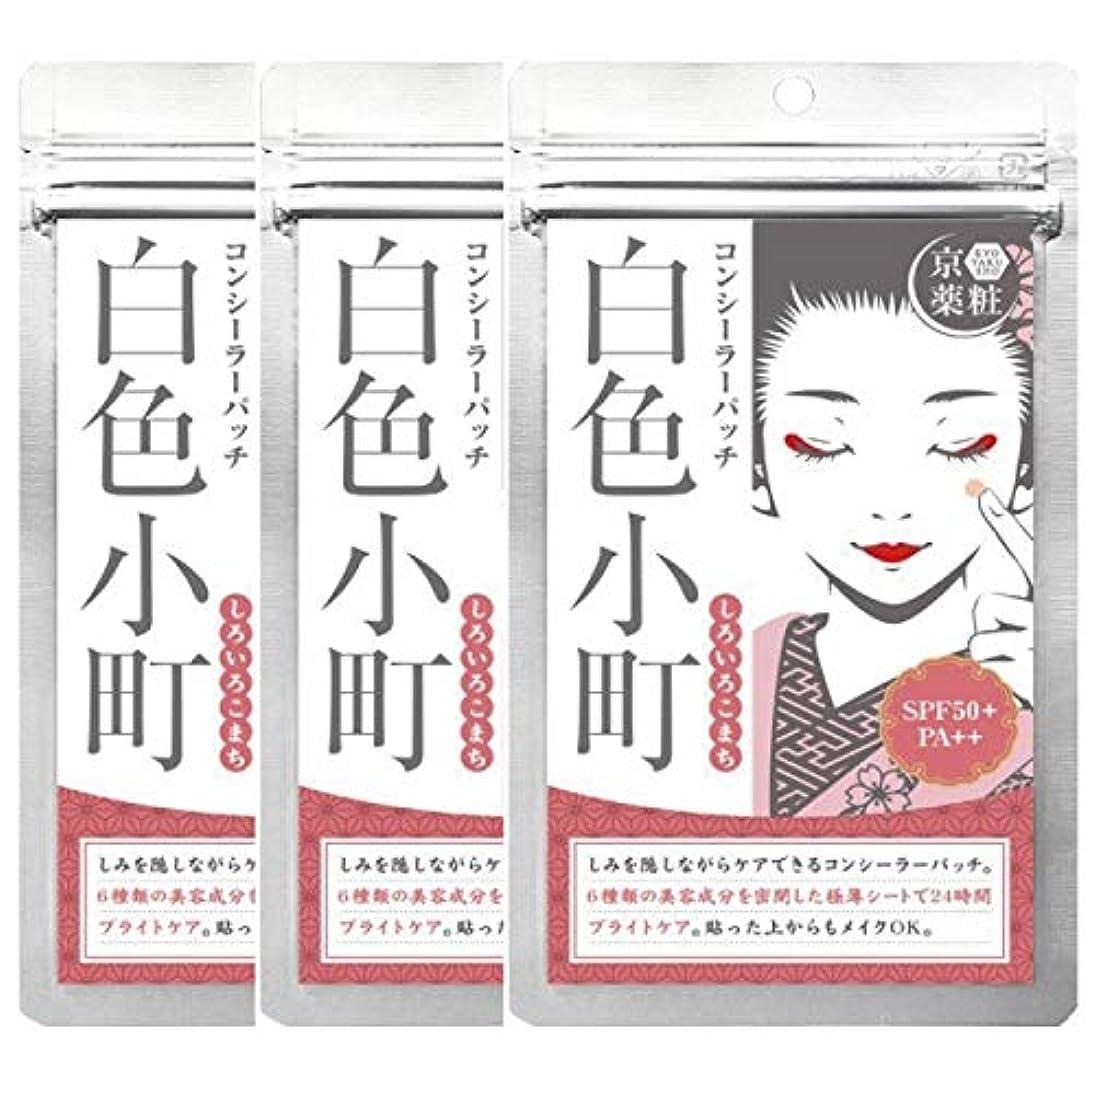 絶対の高くドック京薬粧 白色小町 コンシーラーパッチ ×3セット